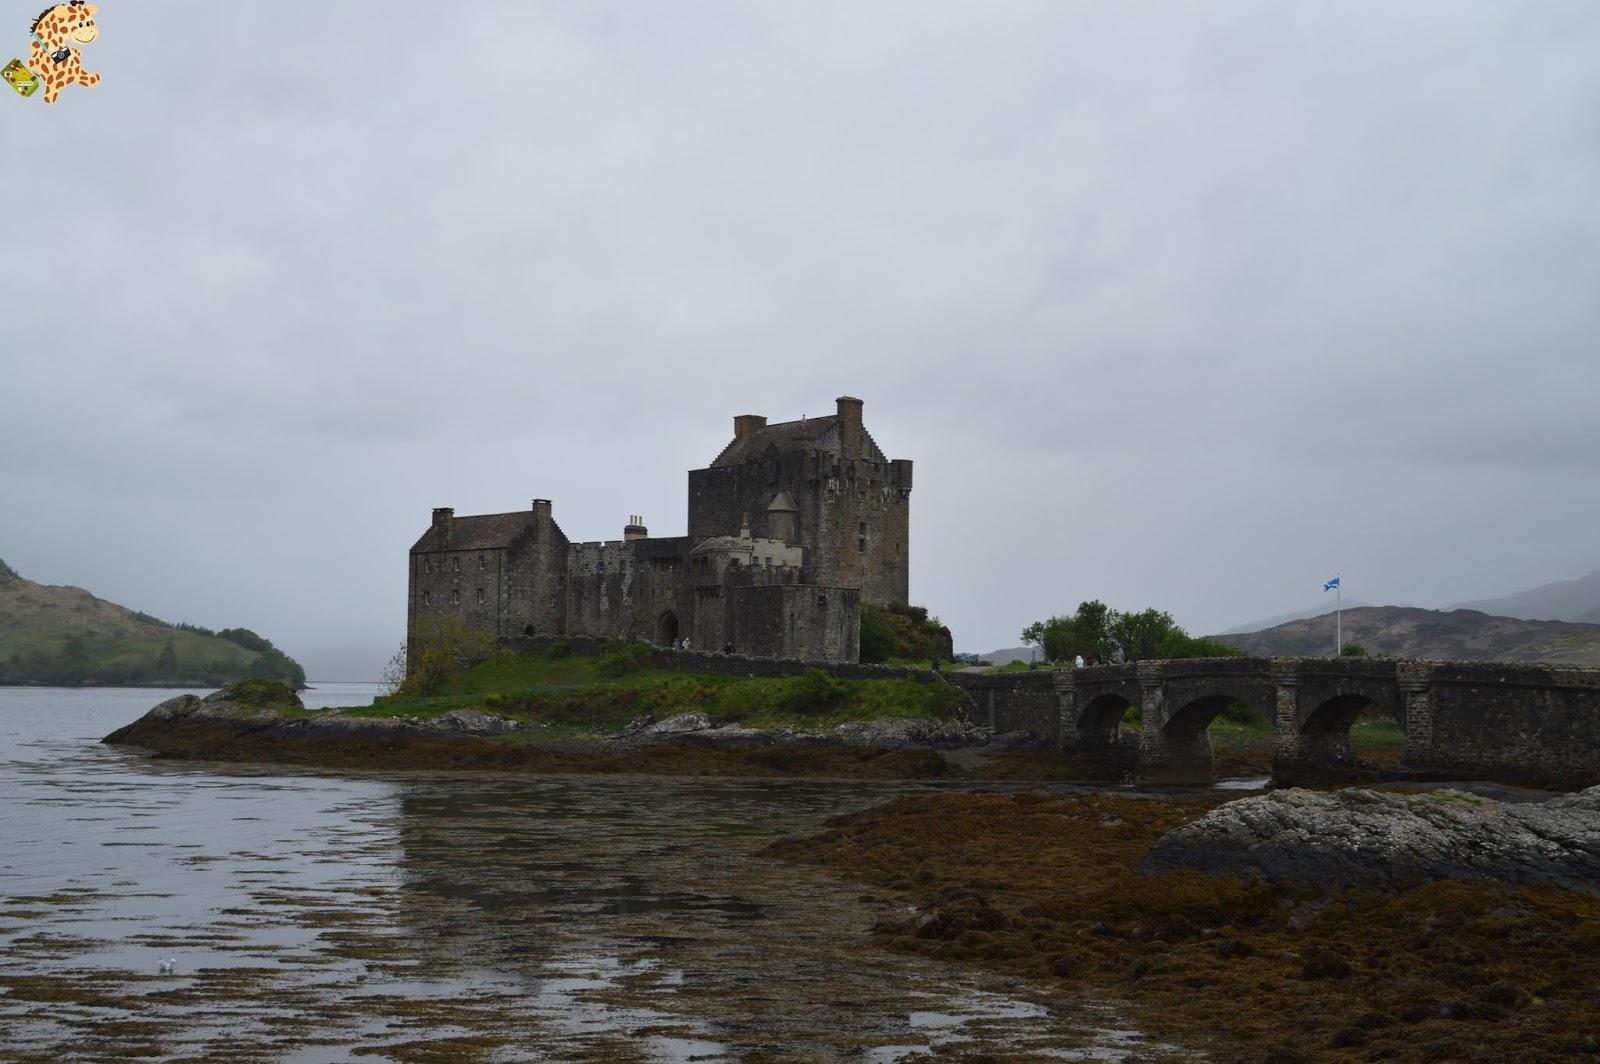 queverenlashighlands283629 - Las Highlands: qué ver en las Tierras Altas de Escocia